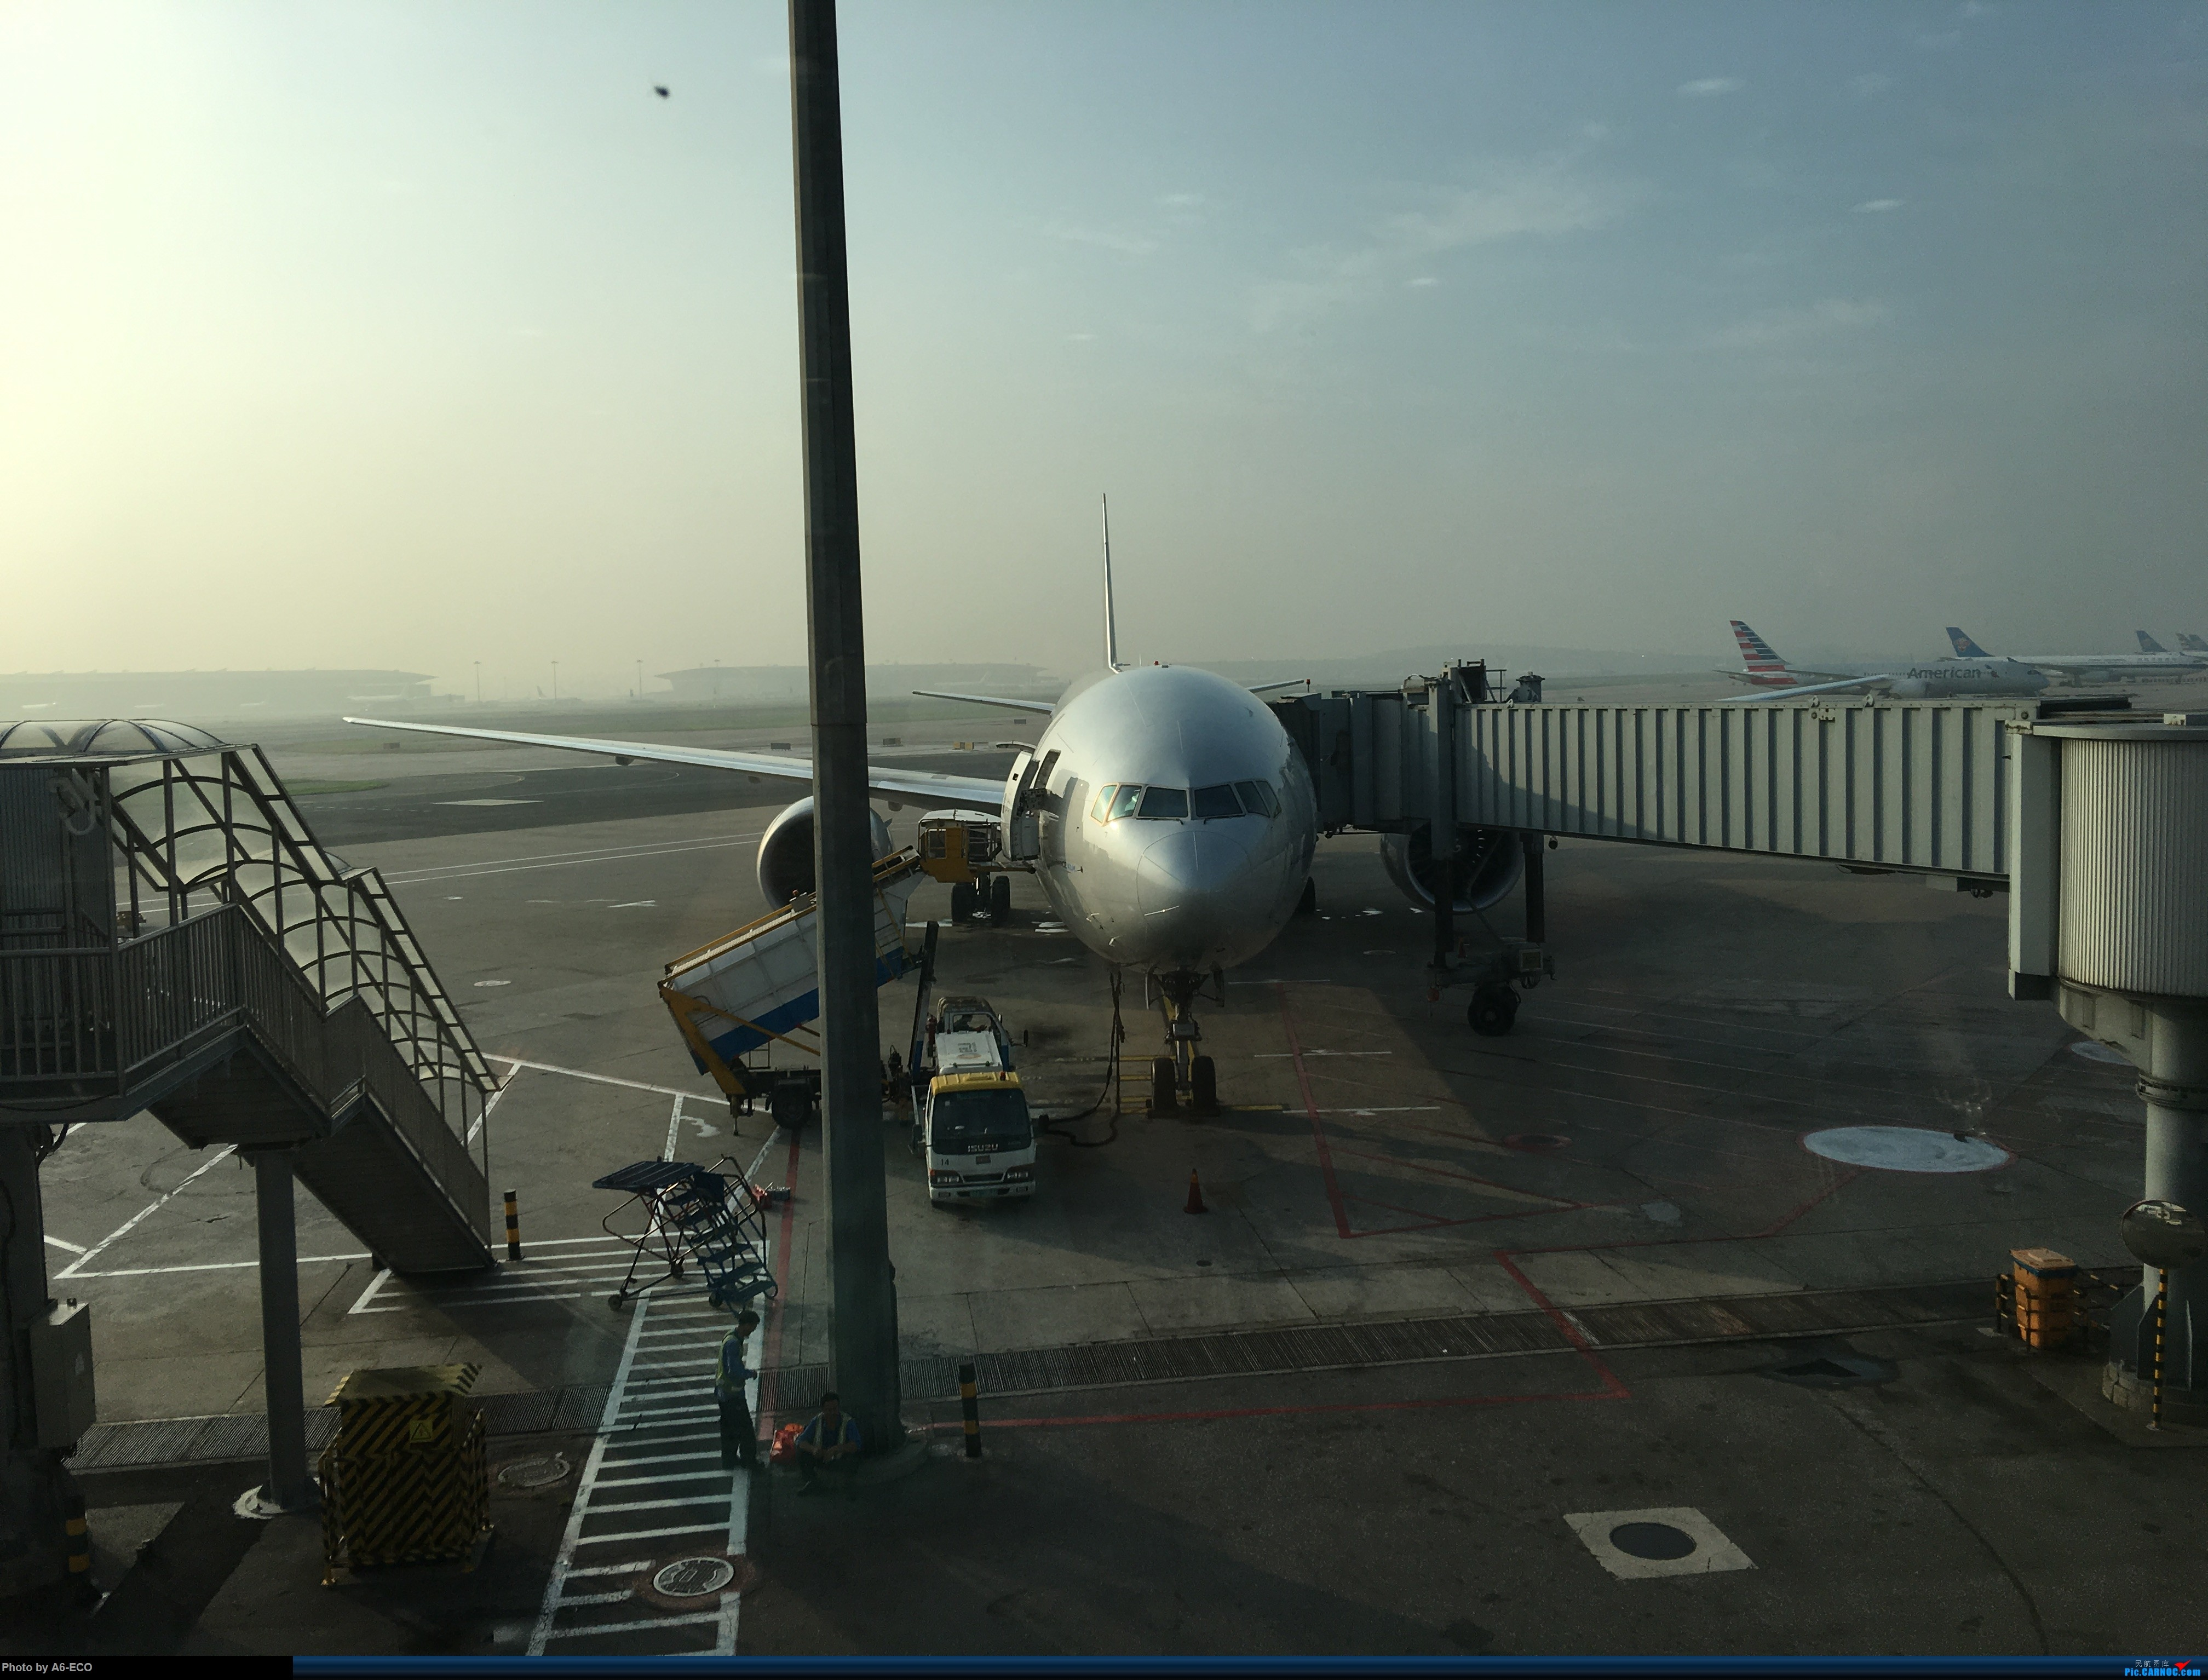 Re:[原创]海鲜航305航班+hxg拍机+香港推荐美食+回程海鲜航 BOEING 777-300ER F-GTZE 中国北京首都国际机场